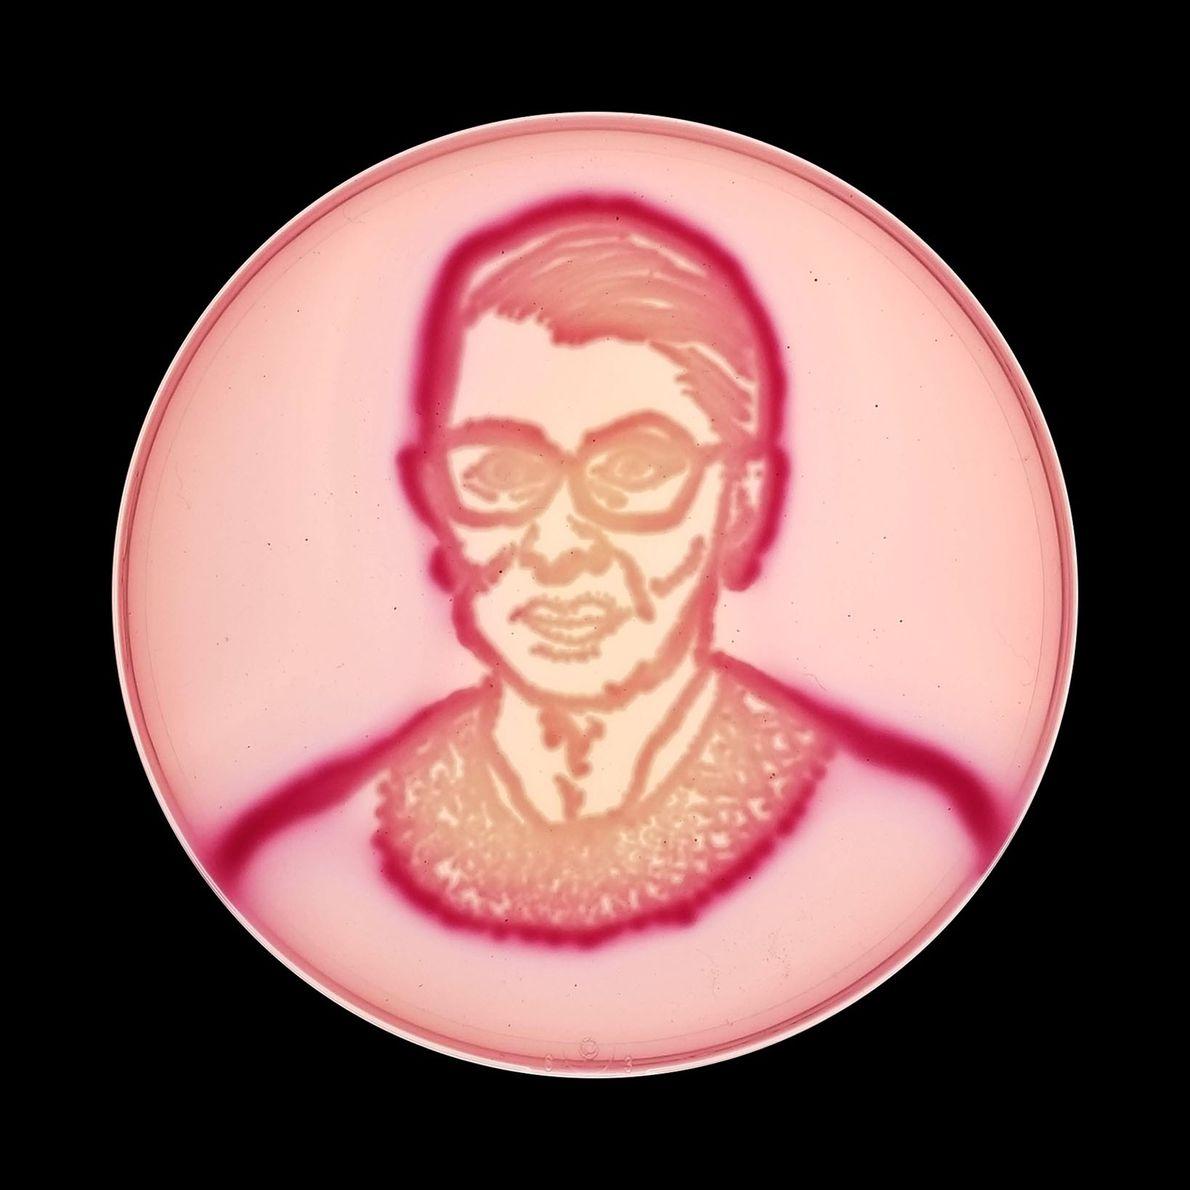 Die Supreme Court-Richterin Ruth Bader Ginsberg – oft abgekürzt als RBG – wurde hier auf violettrote ...